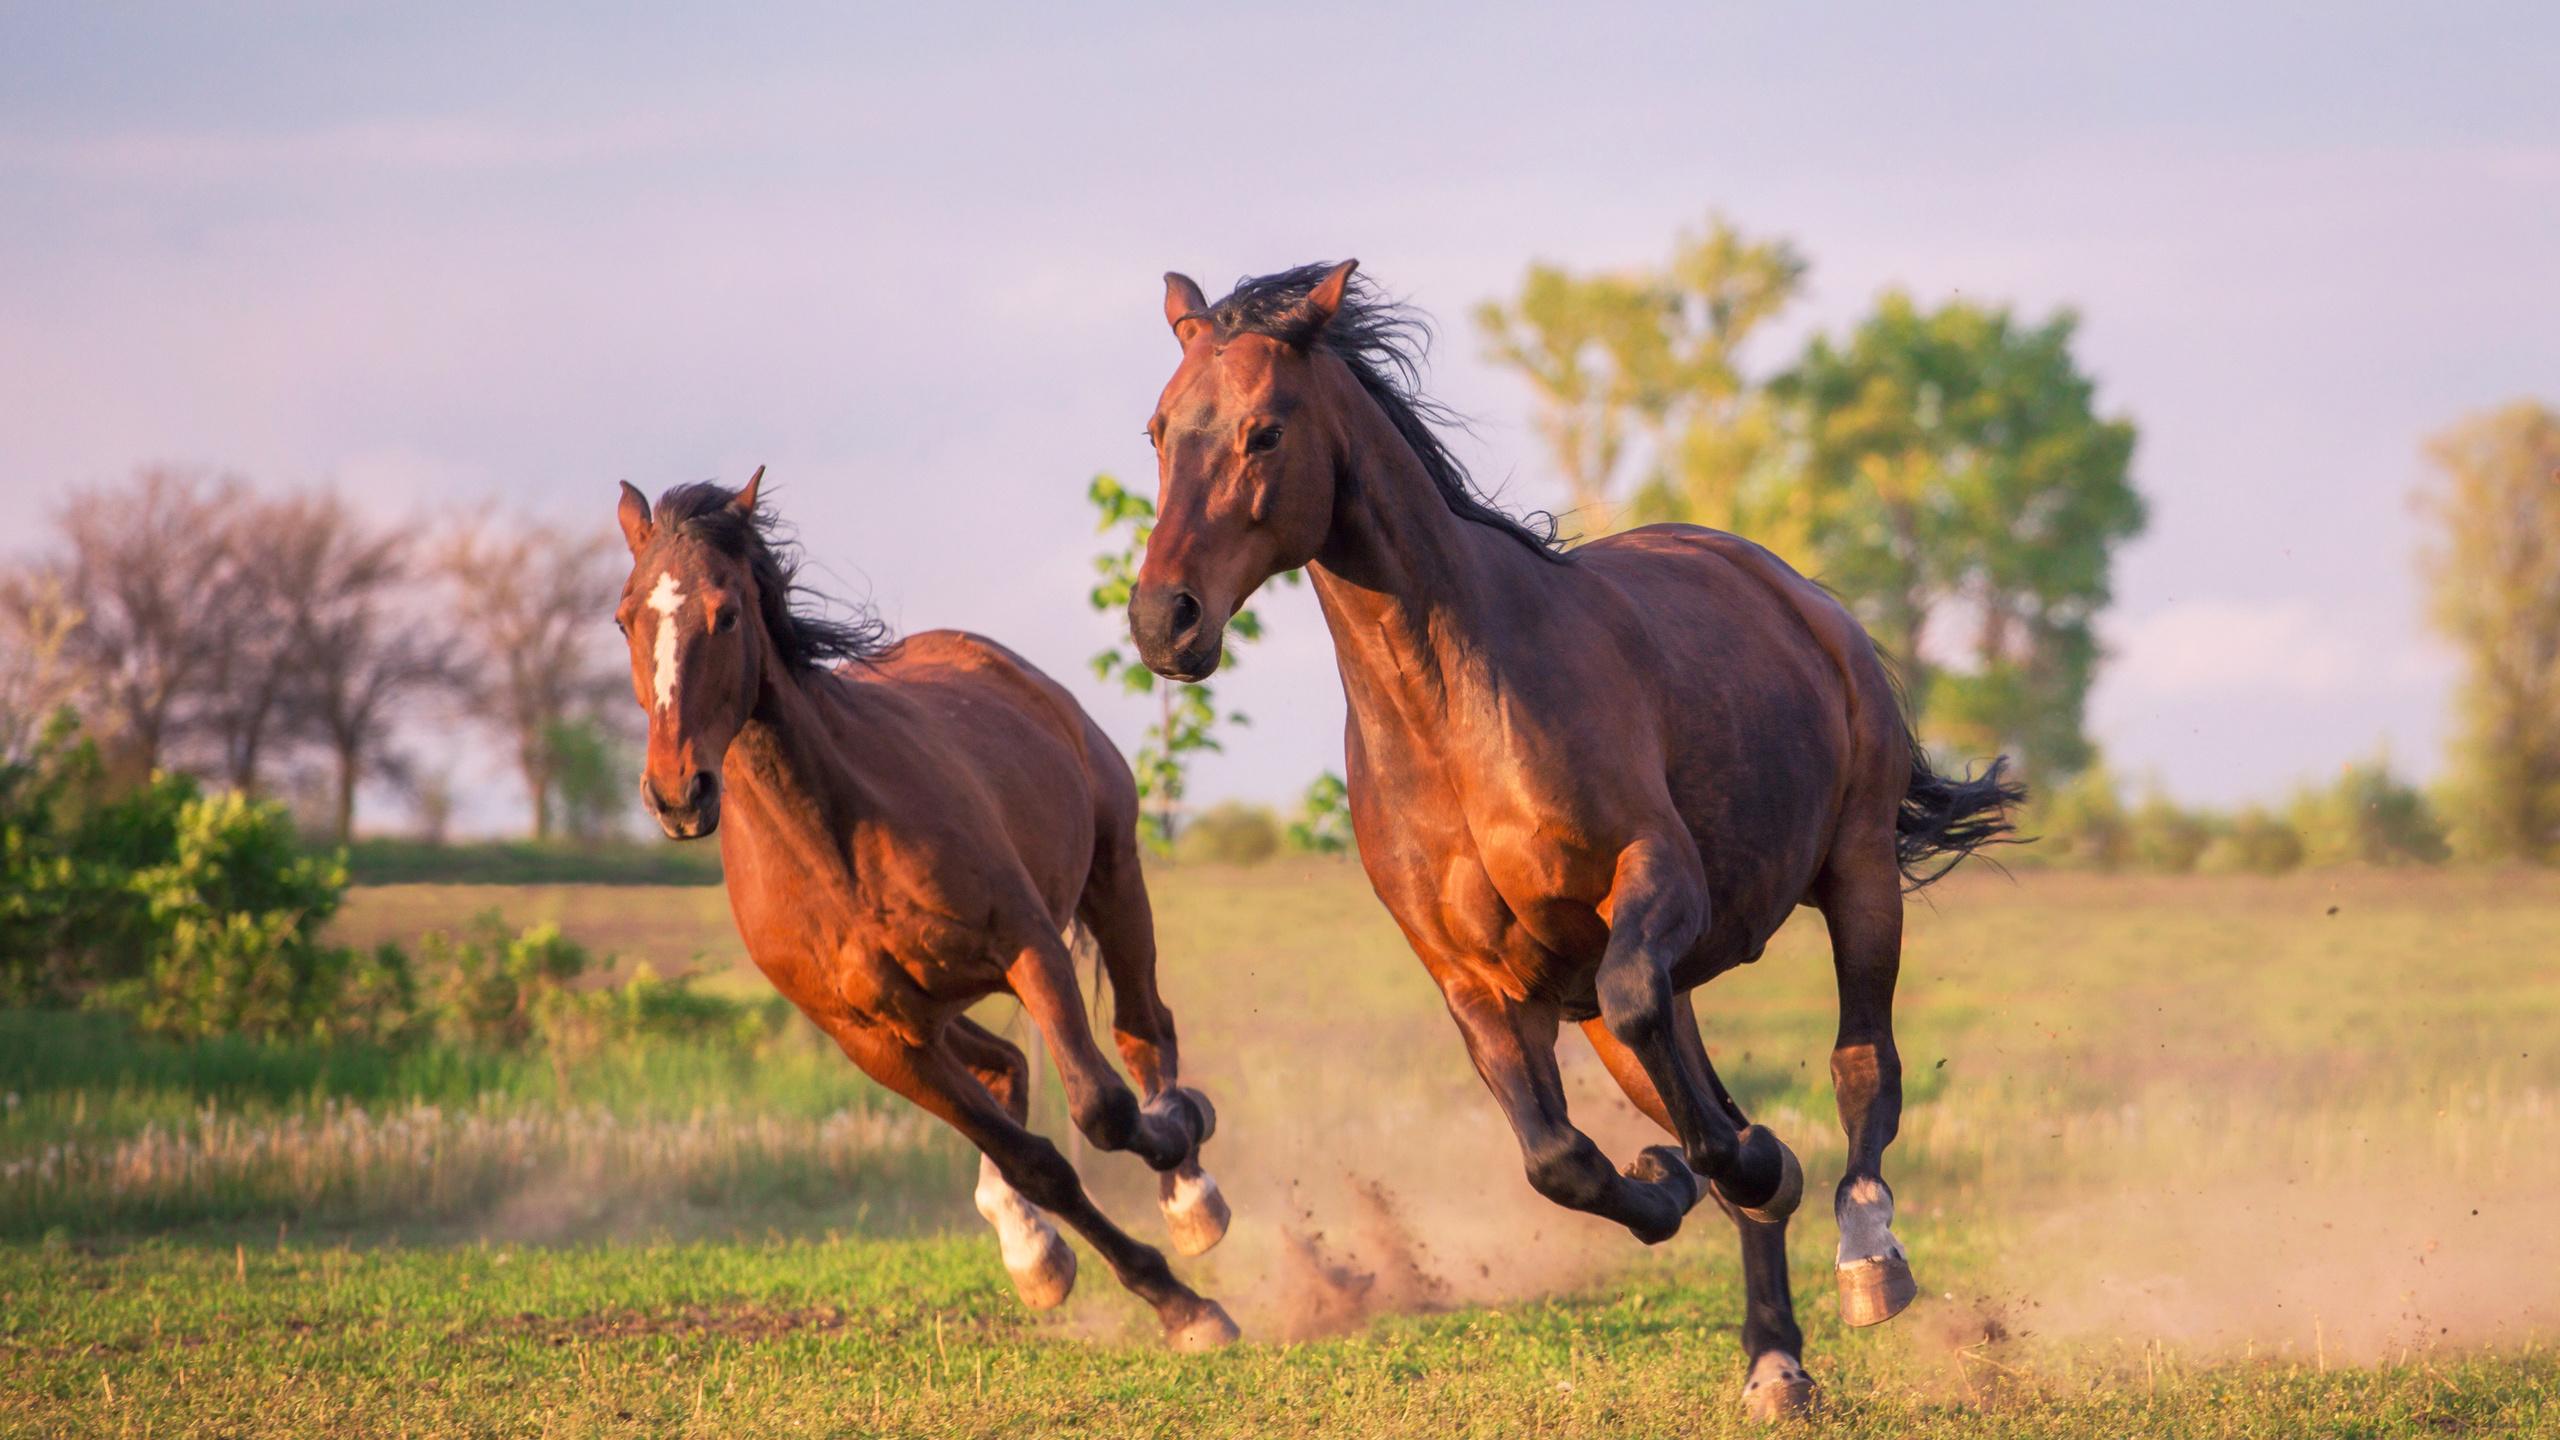 бегать как лошадь картинки распишу